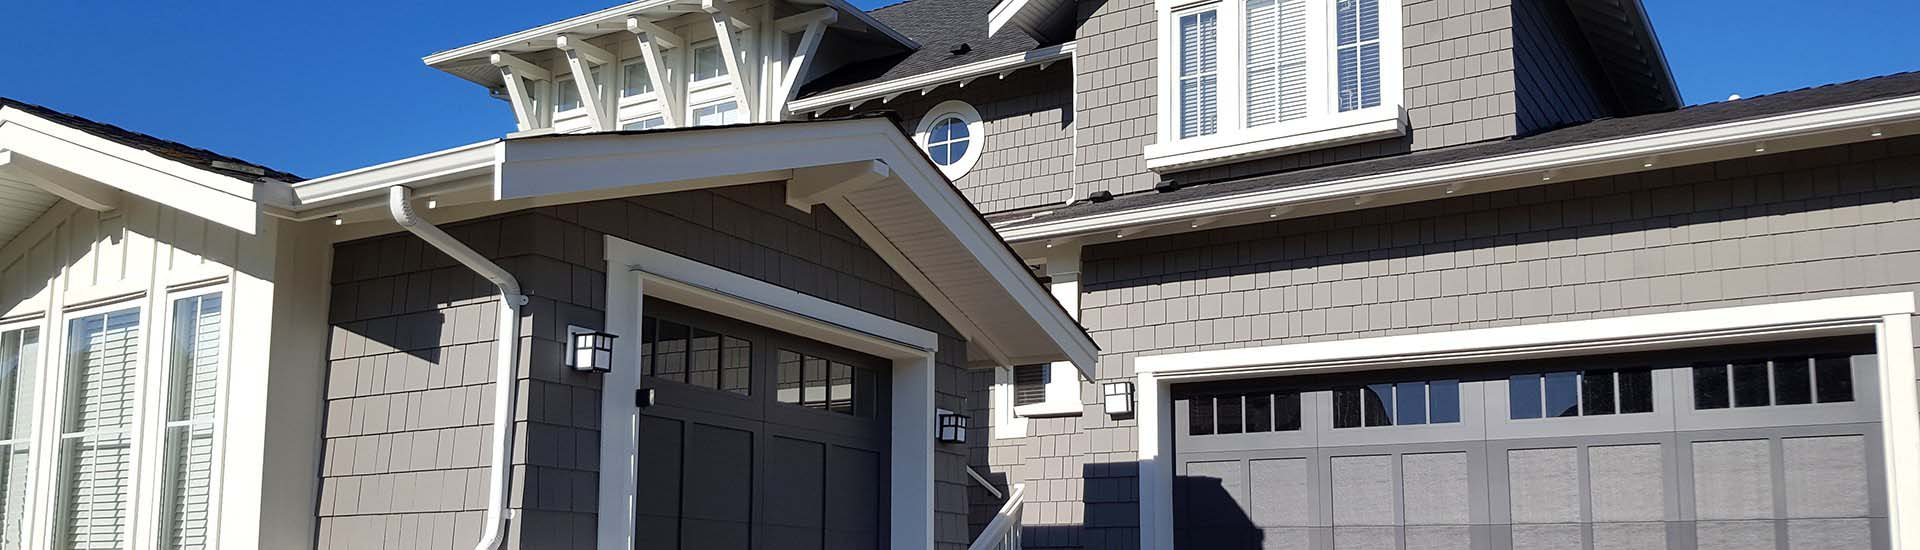 Residential Gutter Contractors